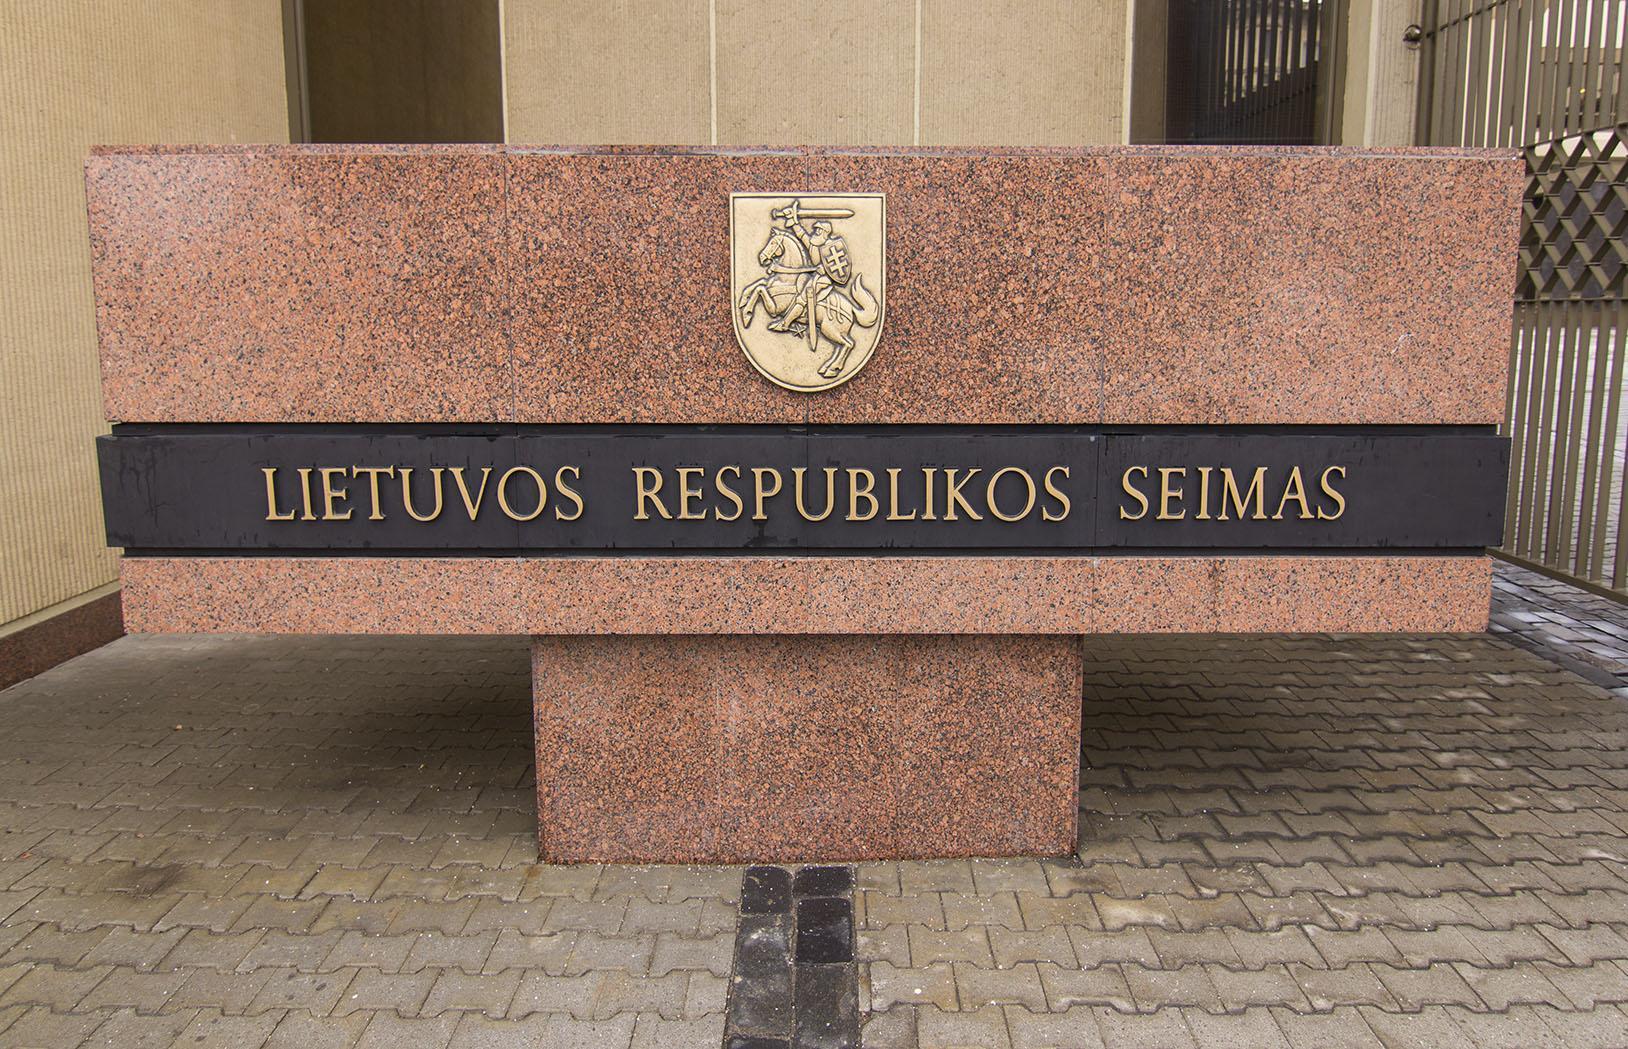 Политики, как и прочие бюджетники Литвы, будут получать больше